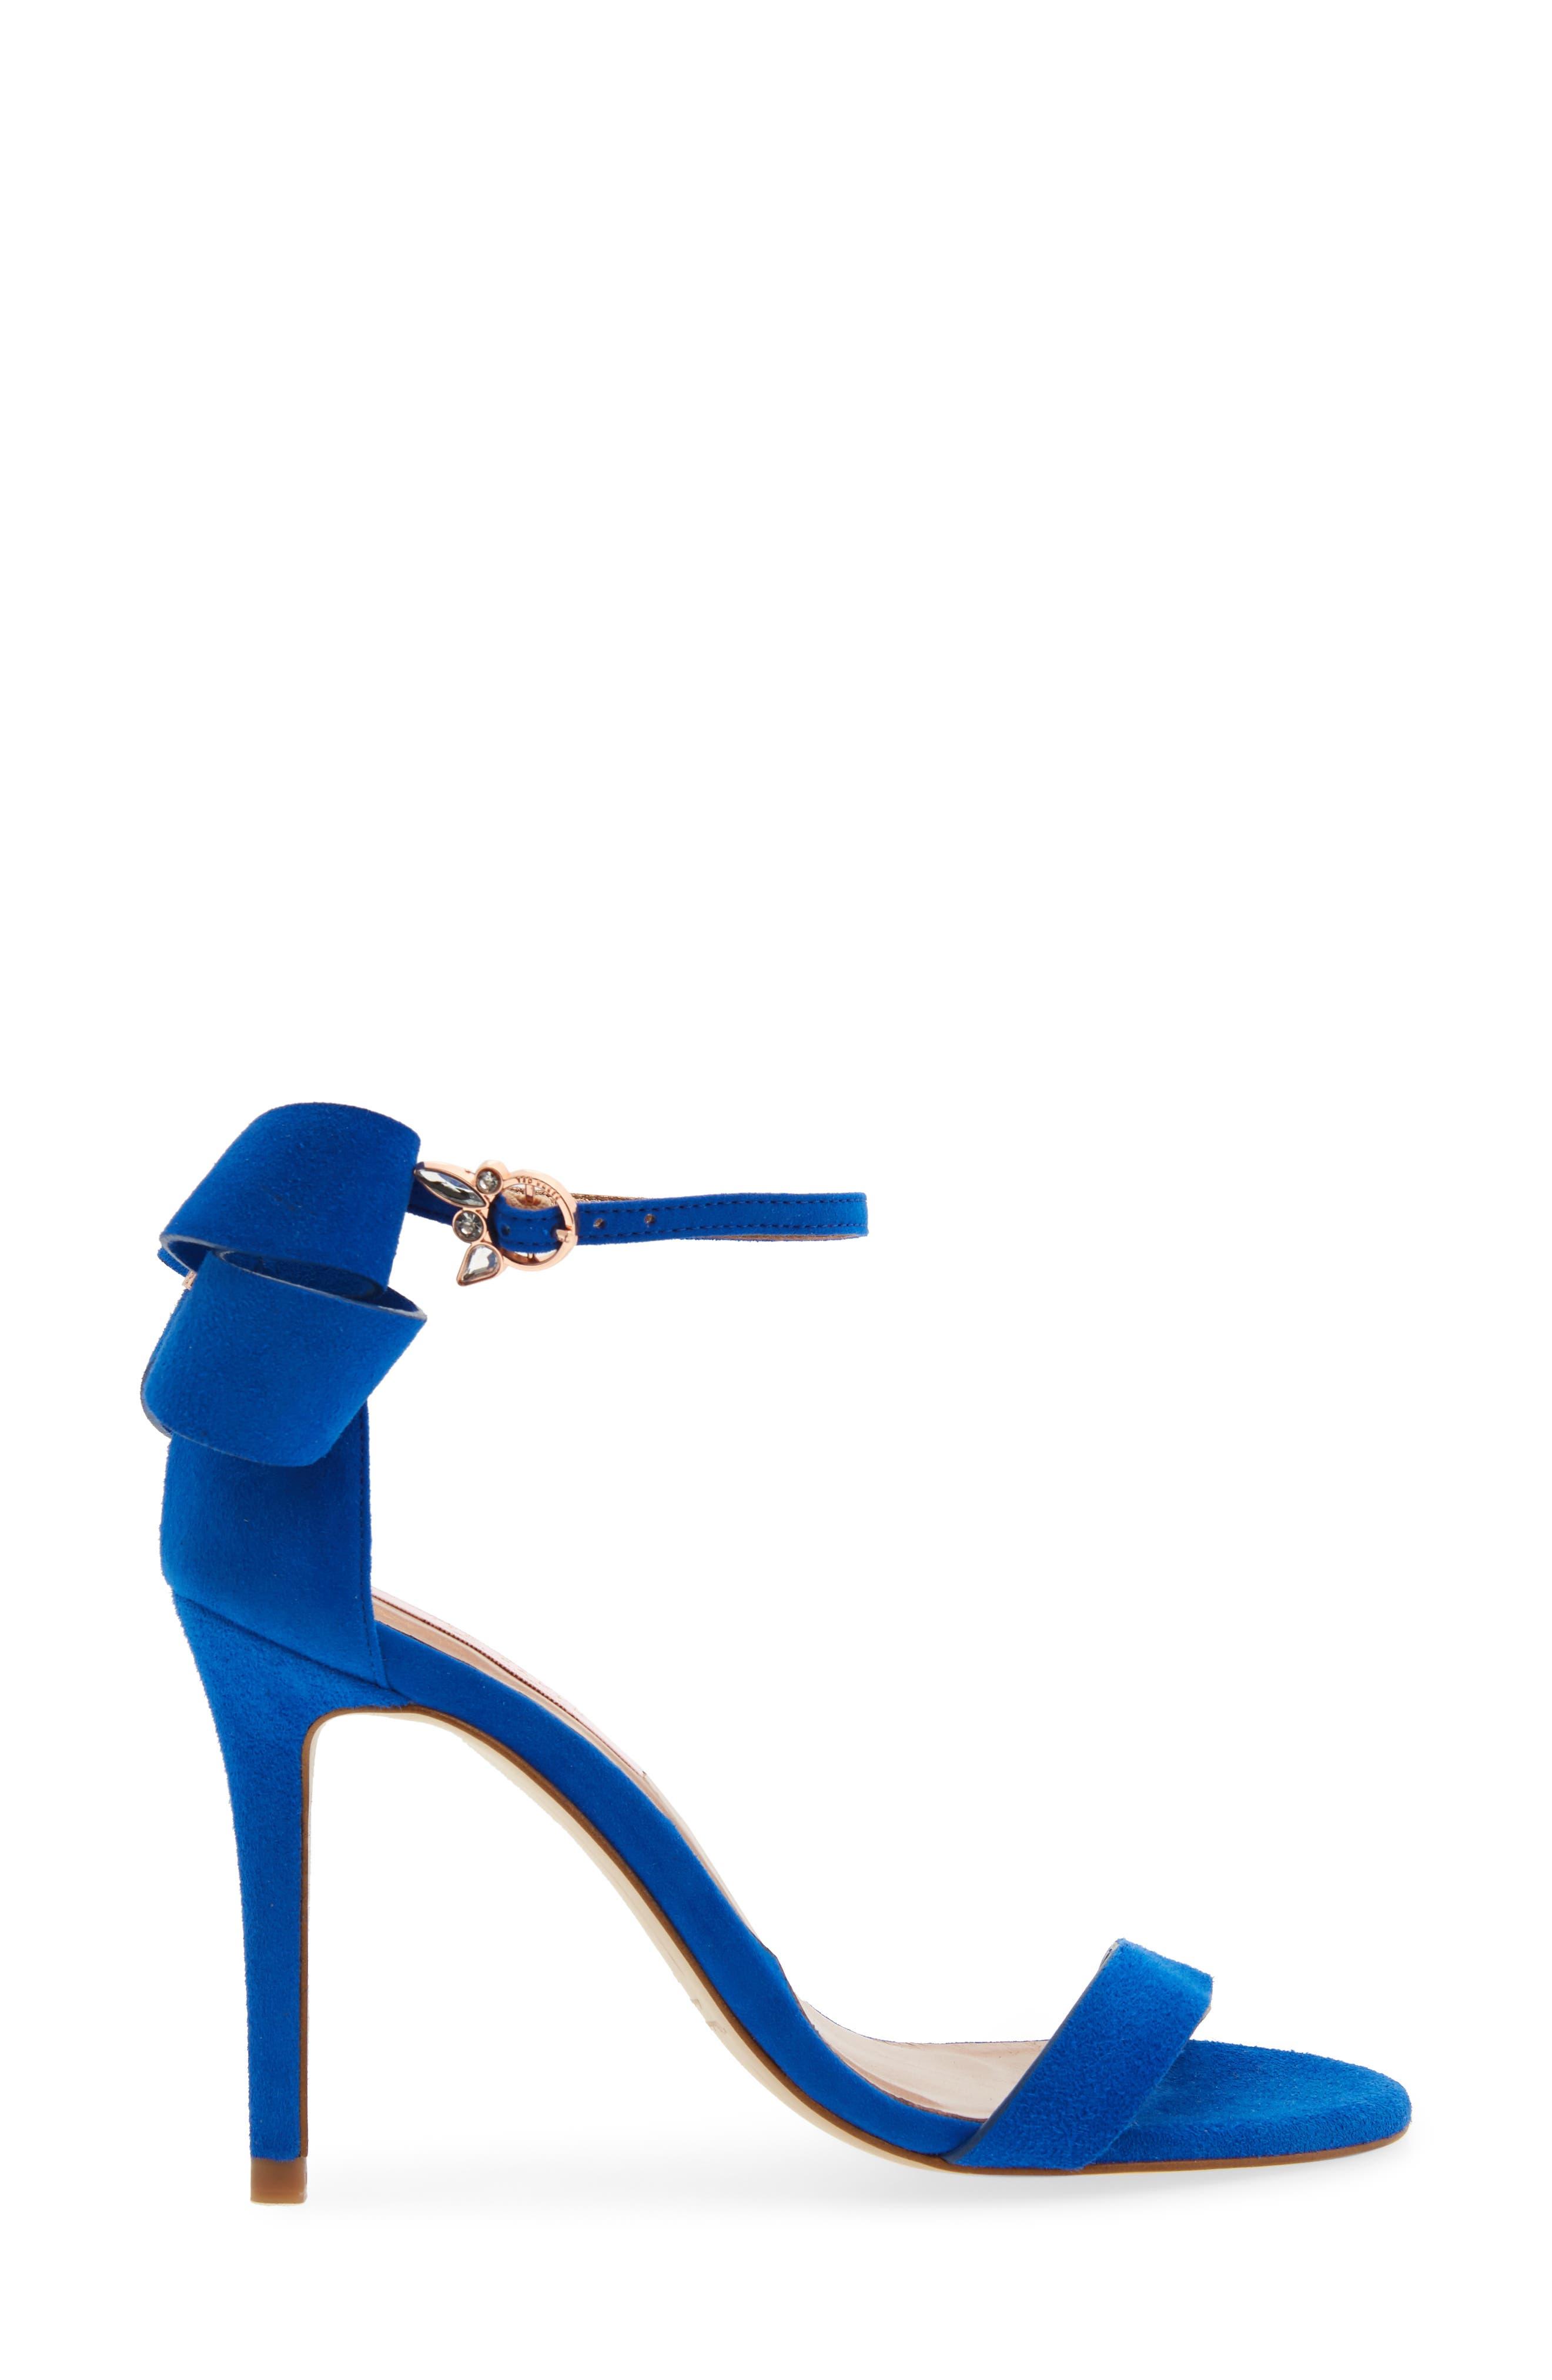 Sandas Sandal,                             Alternate thumbnail 3, color,                             Blue Suede